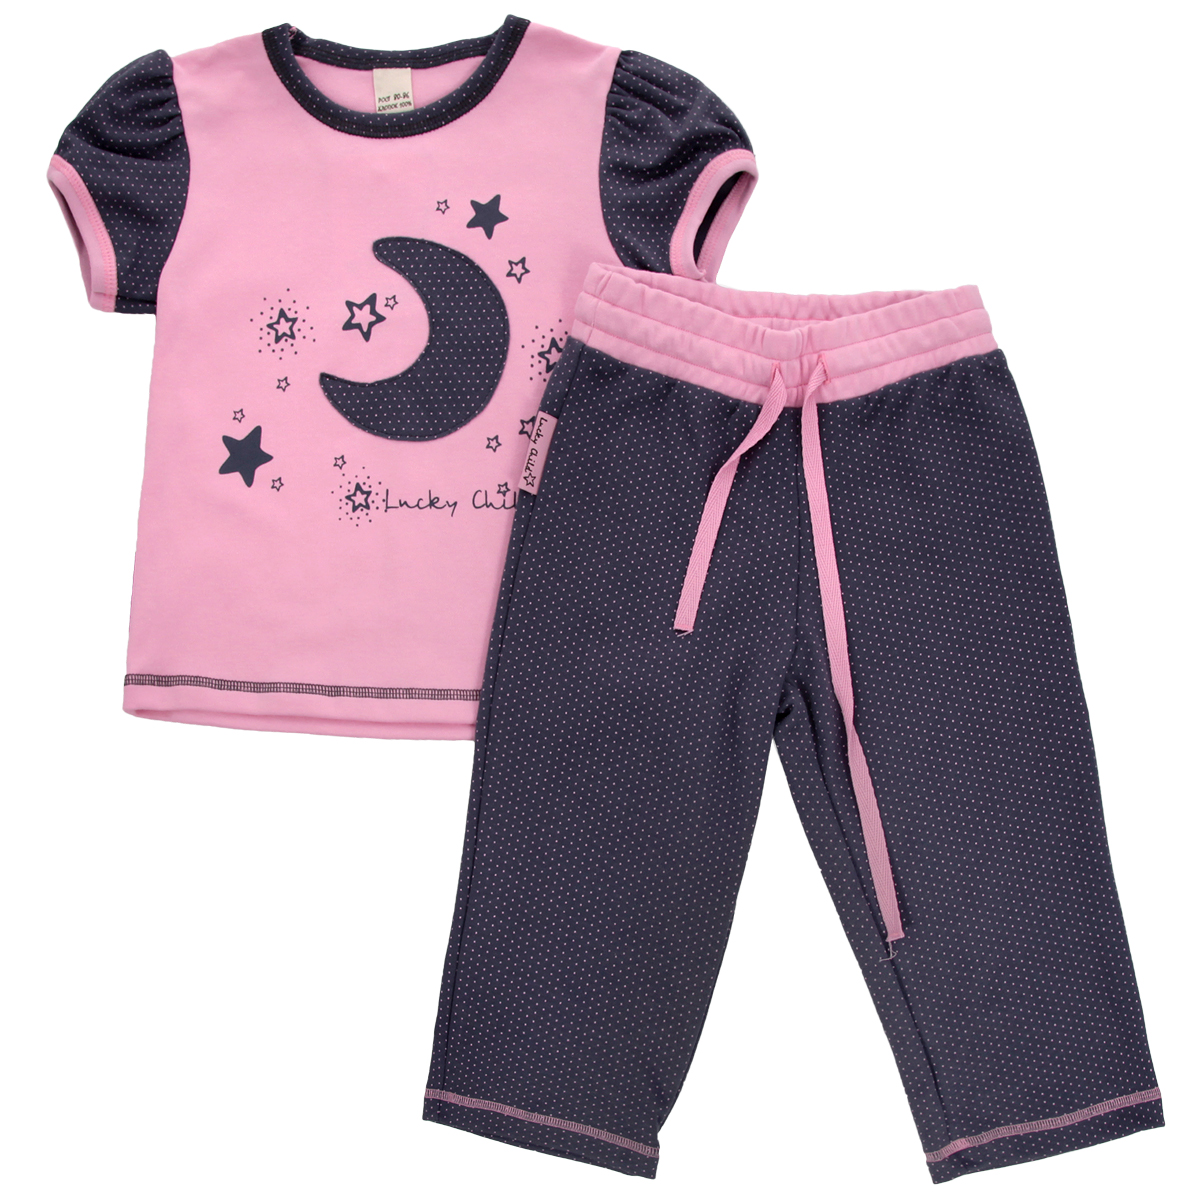 Пижама для девочки Lucky Child, цвет: серо-фиолетовый, розовый. 12-403. Размер 80/8612-403Очаровательная пижама для девочки Lucky Child, состоящая из футболки и брюк, идеально подойдет вашей дочурке и станет отличным дополнением к детскому гардеробу. Изготовленная из натурального хлопка - интерлока, она необычайно мягкая и приятная на ощупь, не раздражает нежную кожу ребенка и хорошо вентилируется, а эластичные швы приятны телу и не препятствуют его движениям.Футболка с короткими рукавами-фонариками и круглым вырезом горловины оформлена оригинальной аппликацией в виде месяца, а также принтом с изображением звездочек и названием бренда. Горловина и рукава оформлены мелким гороховым принтом. Низ изделия оформлен контрастной фигурной прострочкой. Брюки прямого кроя на талии имеют широкий эластичный пояс со шнурком, благодаря чему они не сдавливают животик ребенка и не сползают. Оформлены брюки мелким гороховым принтом. Такая пижама идеально подойдет вашей дочурке, а мягкие полотна позволят ей комфортно чувствовать себя во время сна!